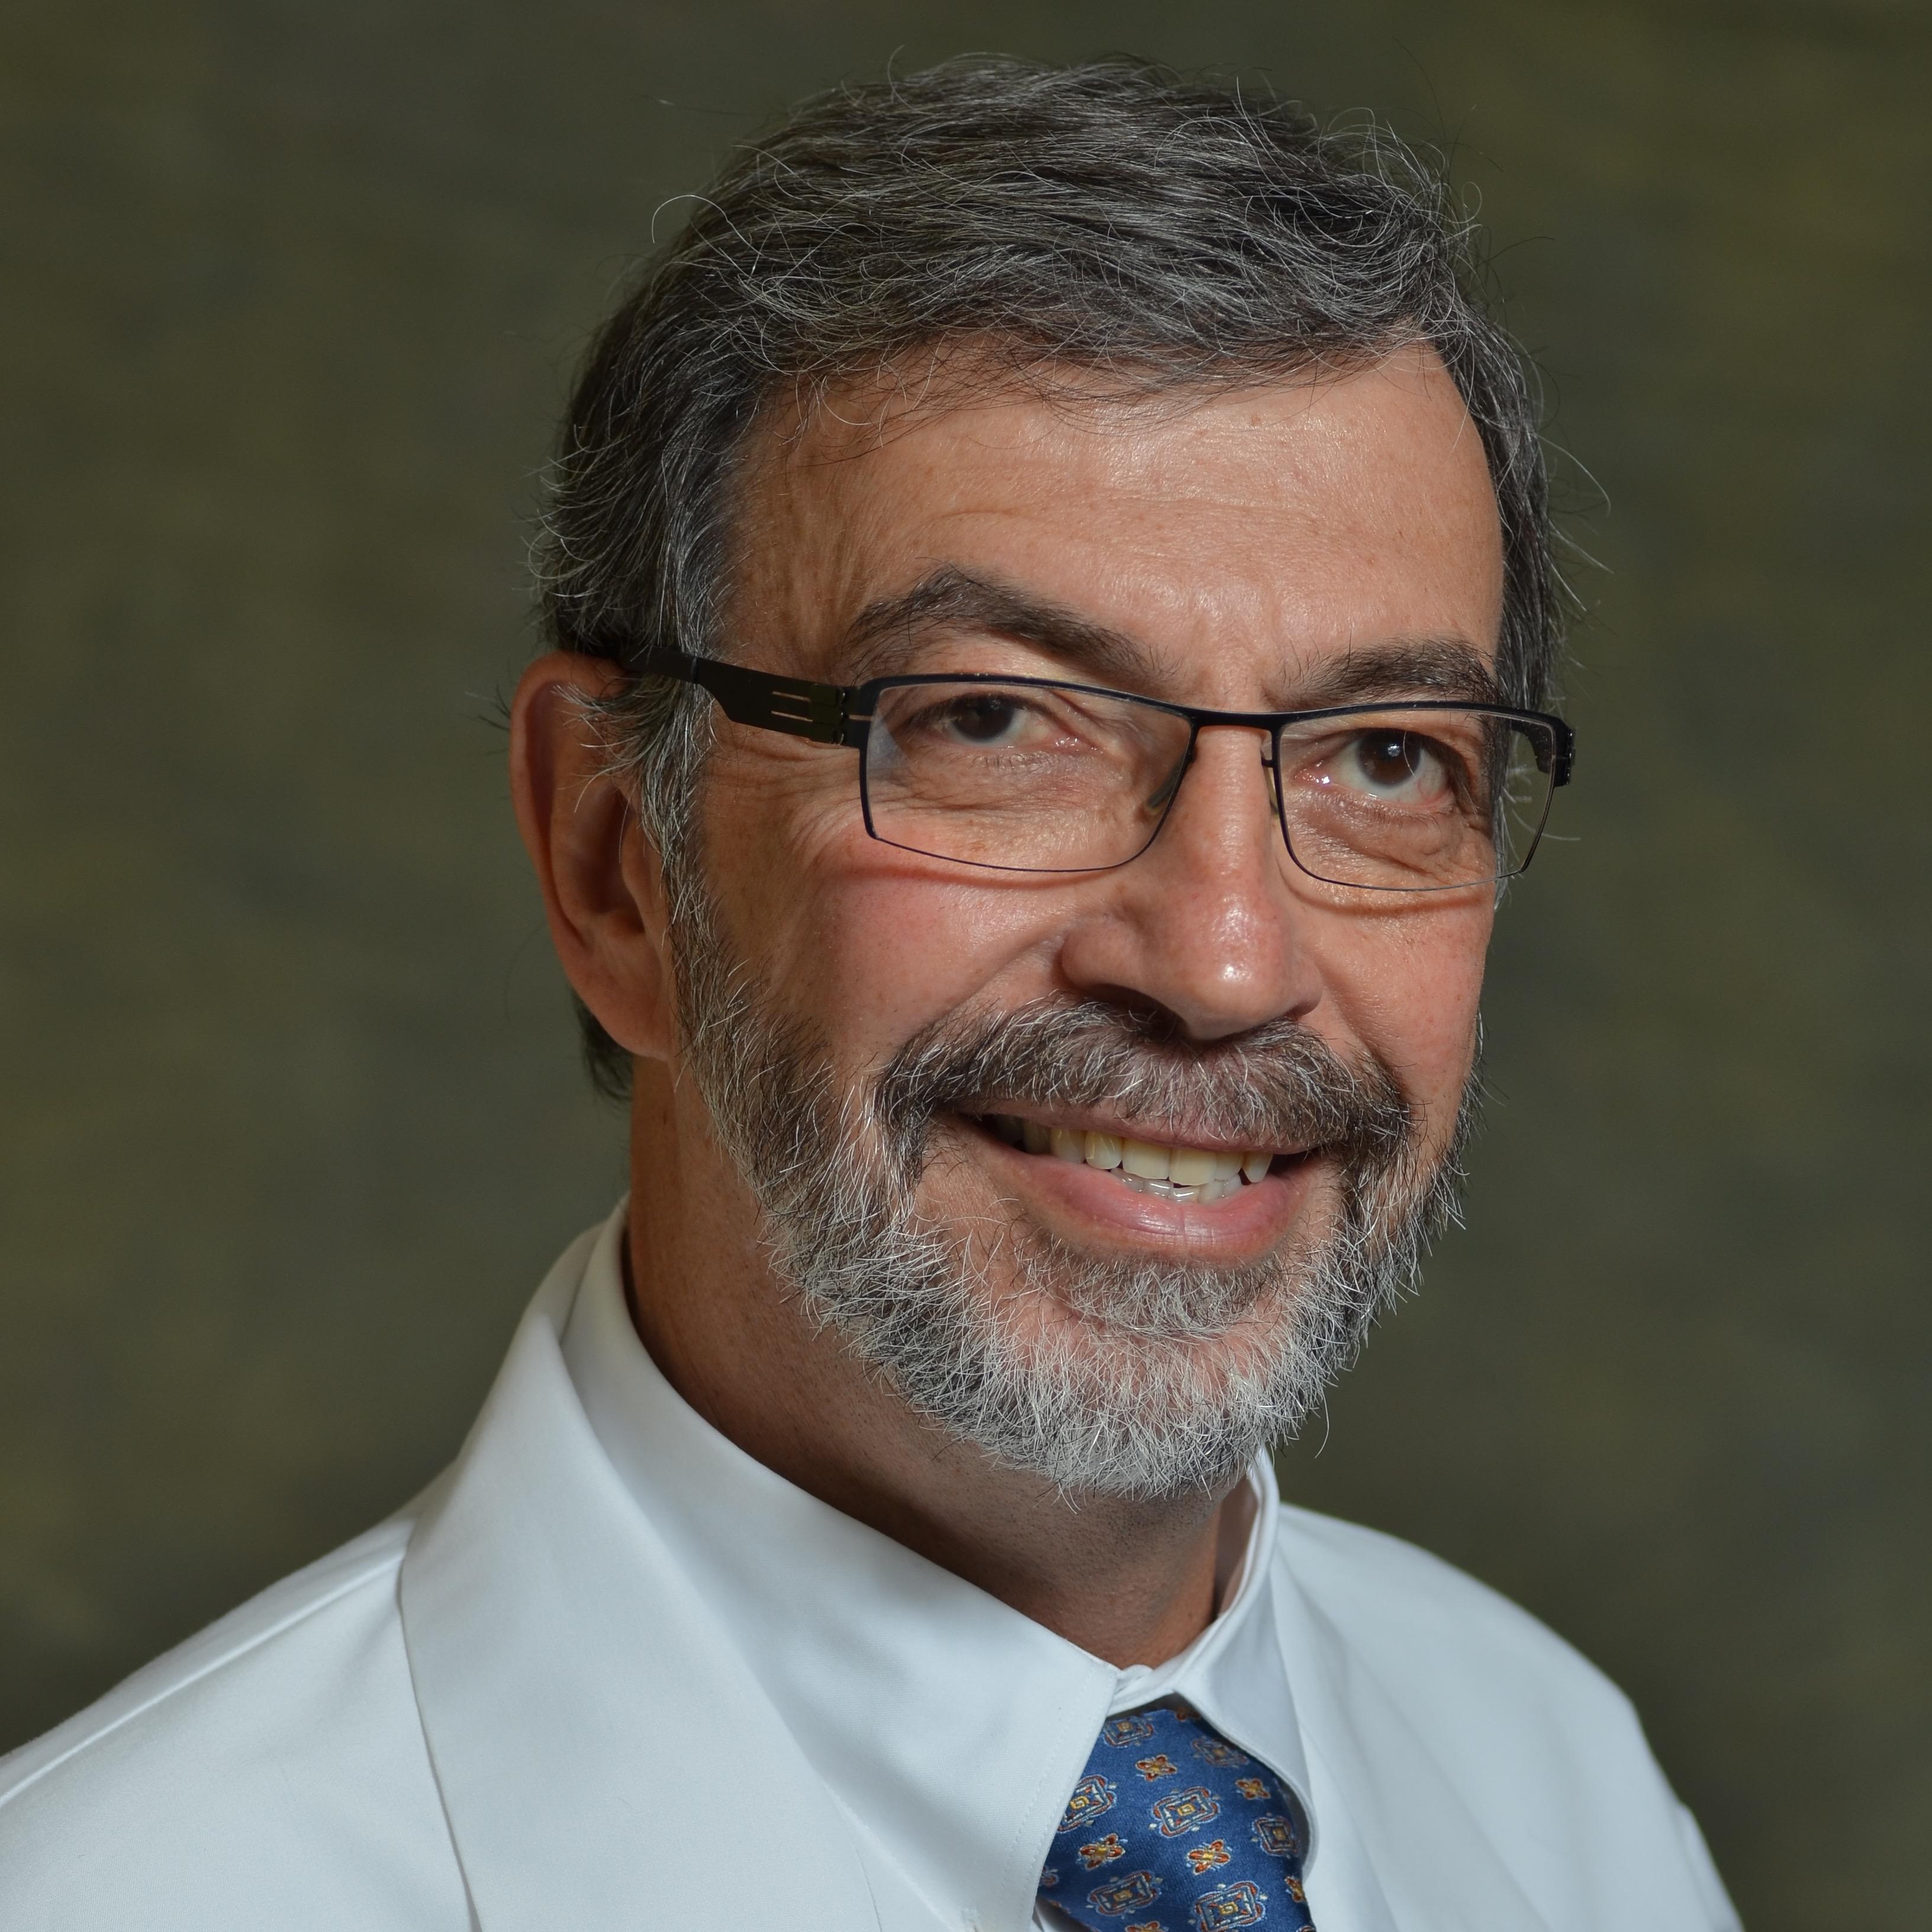 Jay Erlebacher MD, FACC